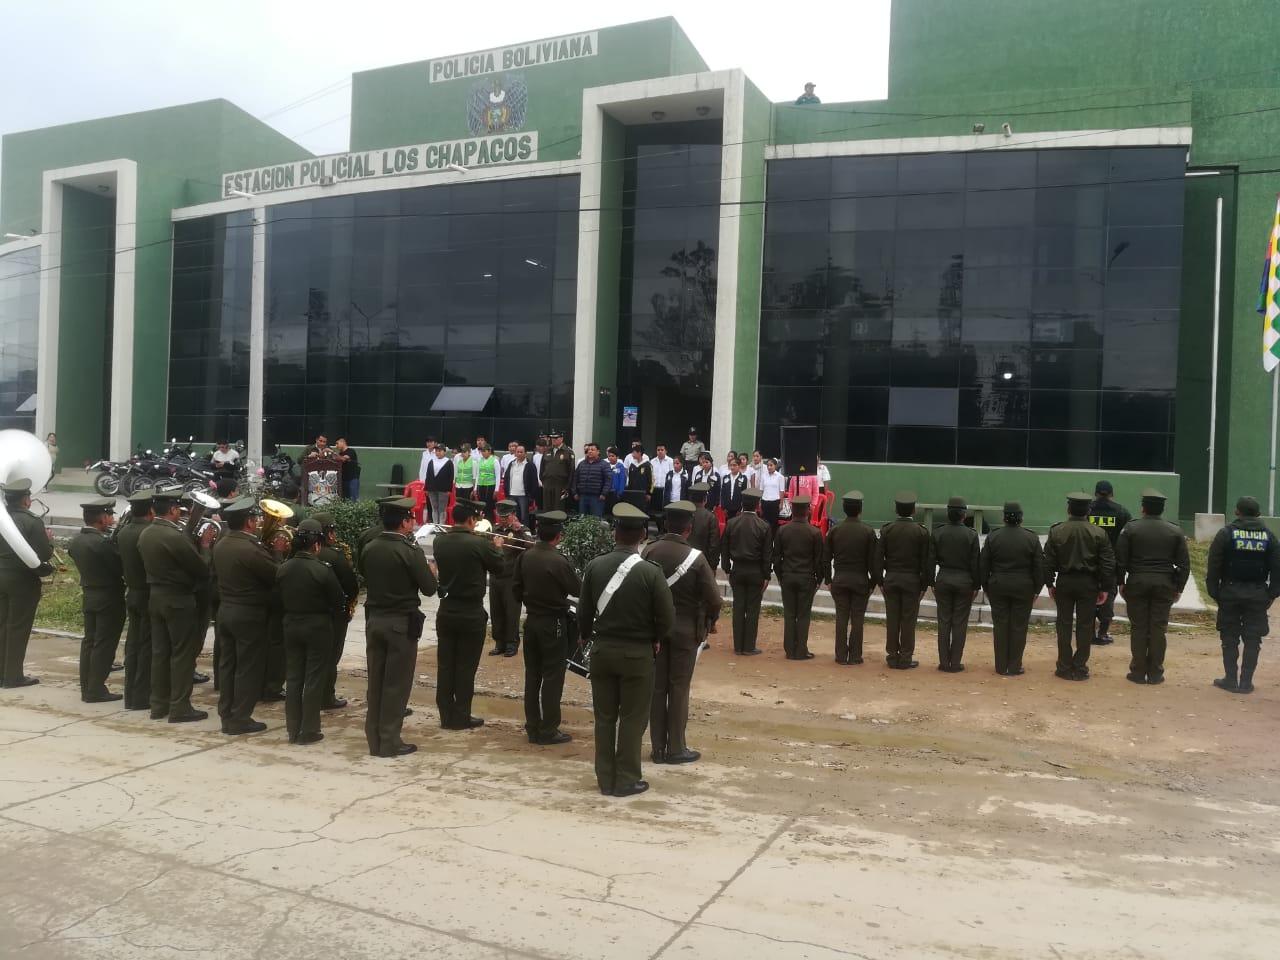 Policía convoca a brigadistas escolares para trabajar en la prevención de delitos